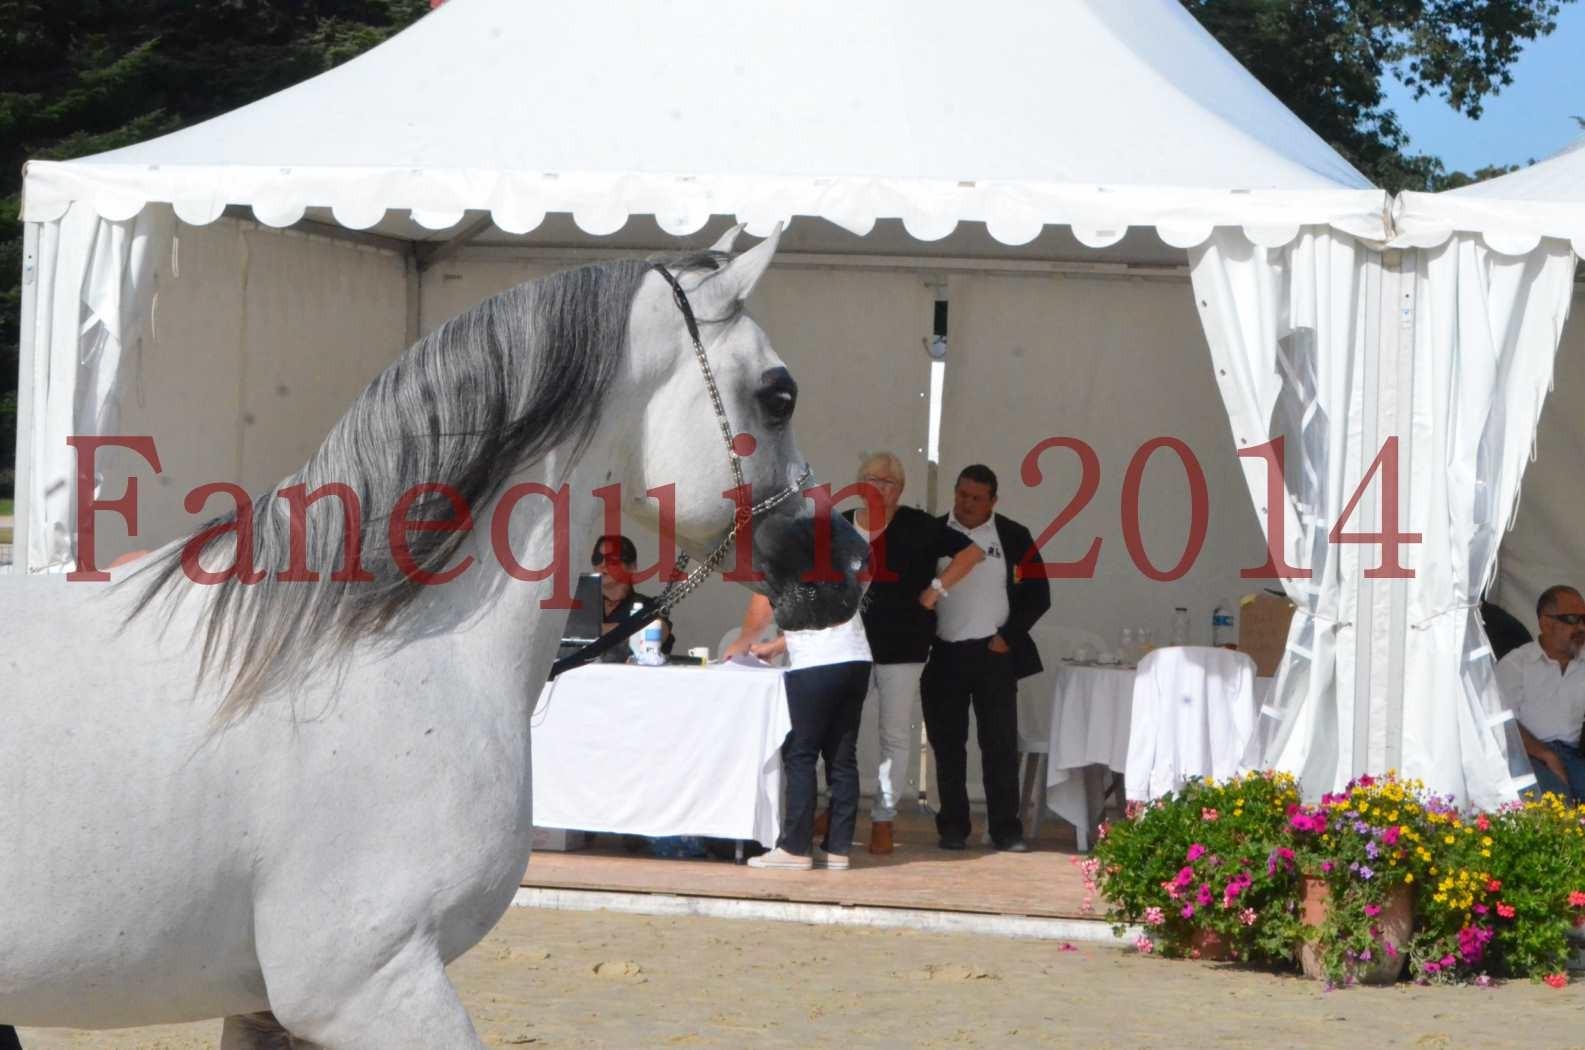 CHAMPIONNAT DE FRANCE  2014 A POMPADOUR - Sélection - SHAOLIN DE NEDJAIA - 34